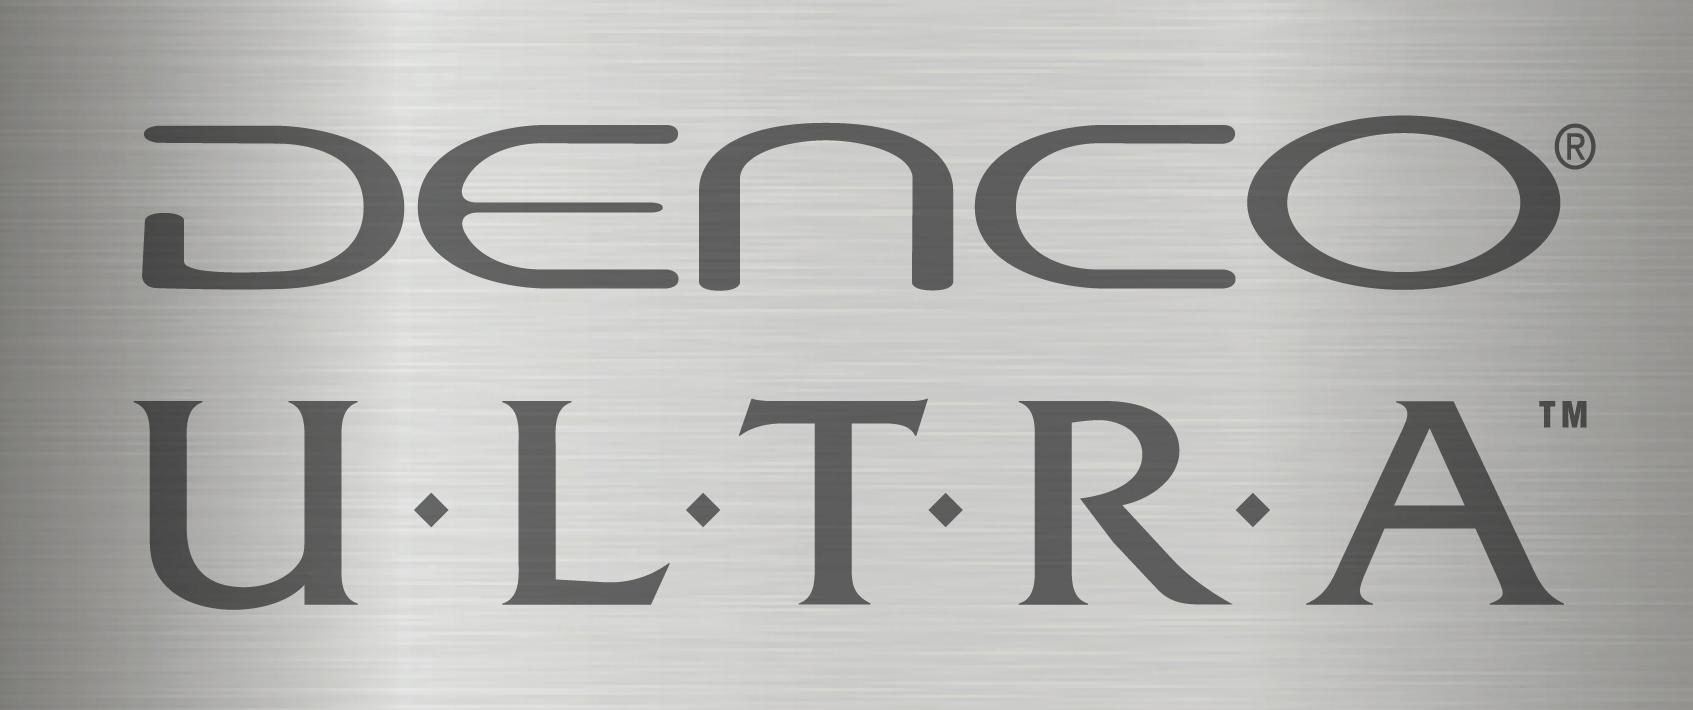 Denco – Ultra